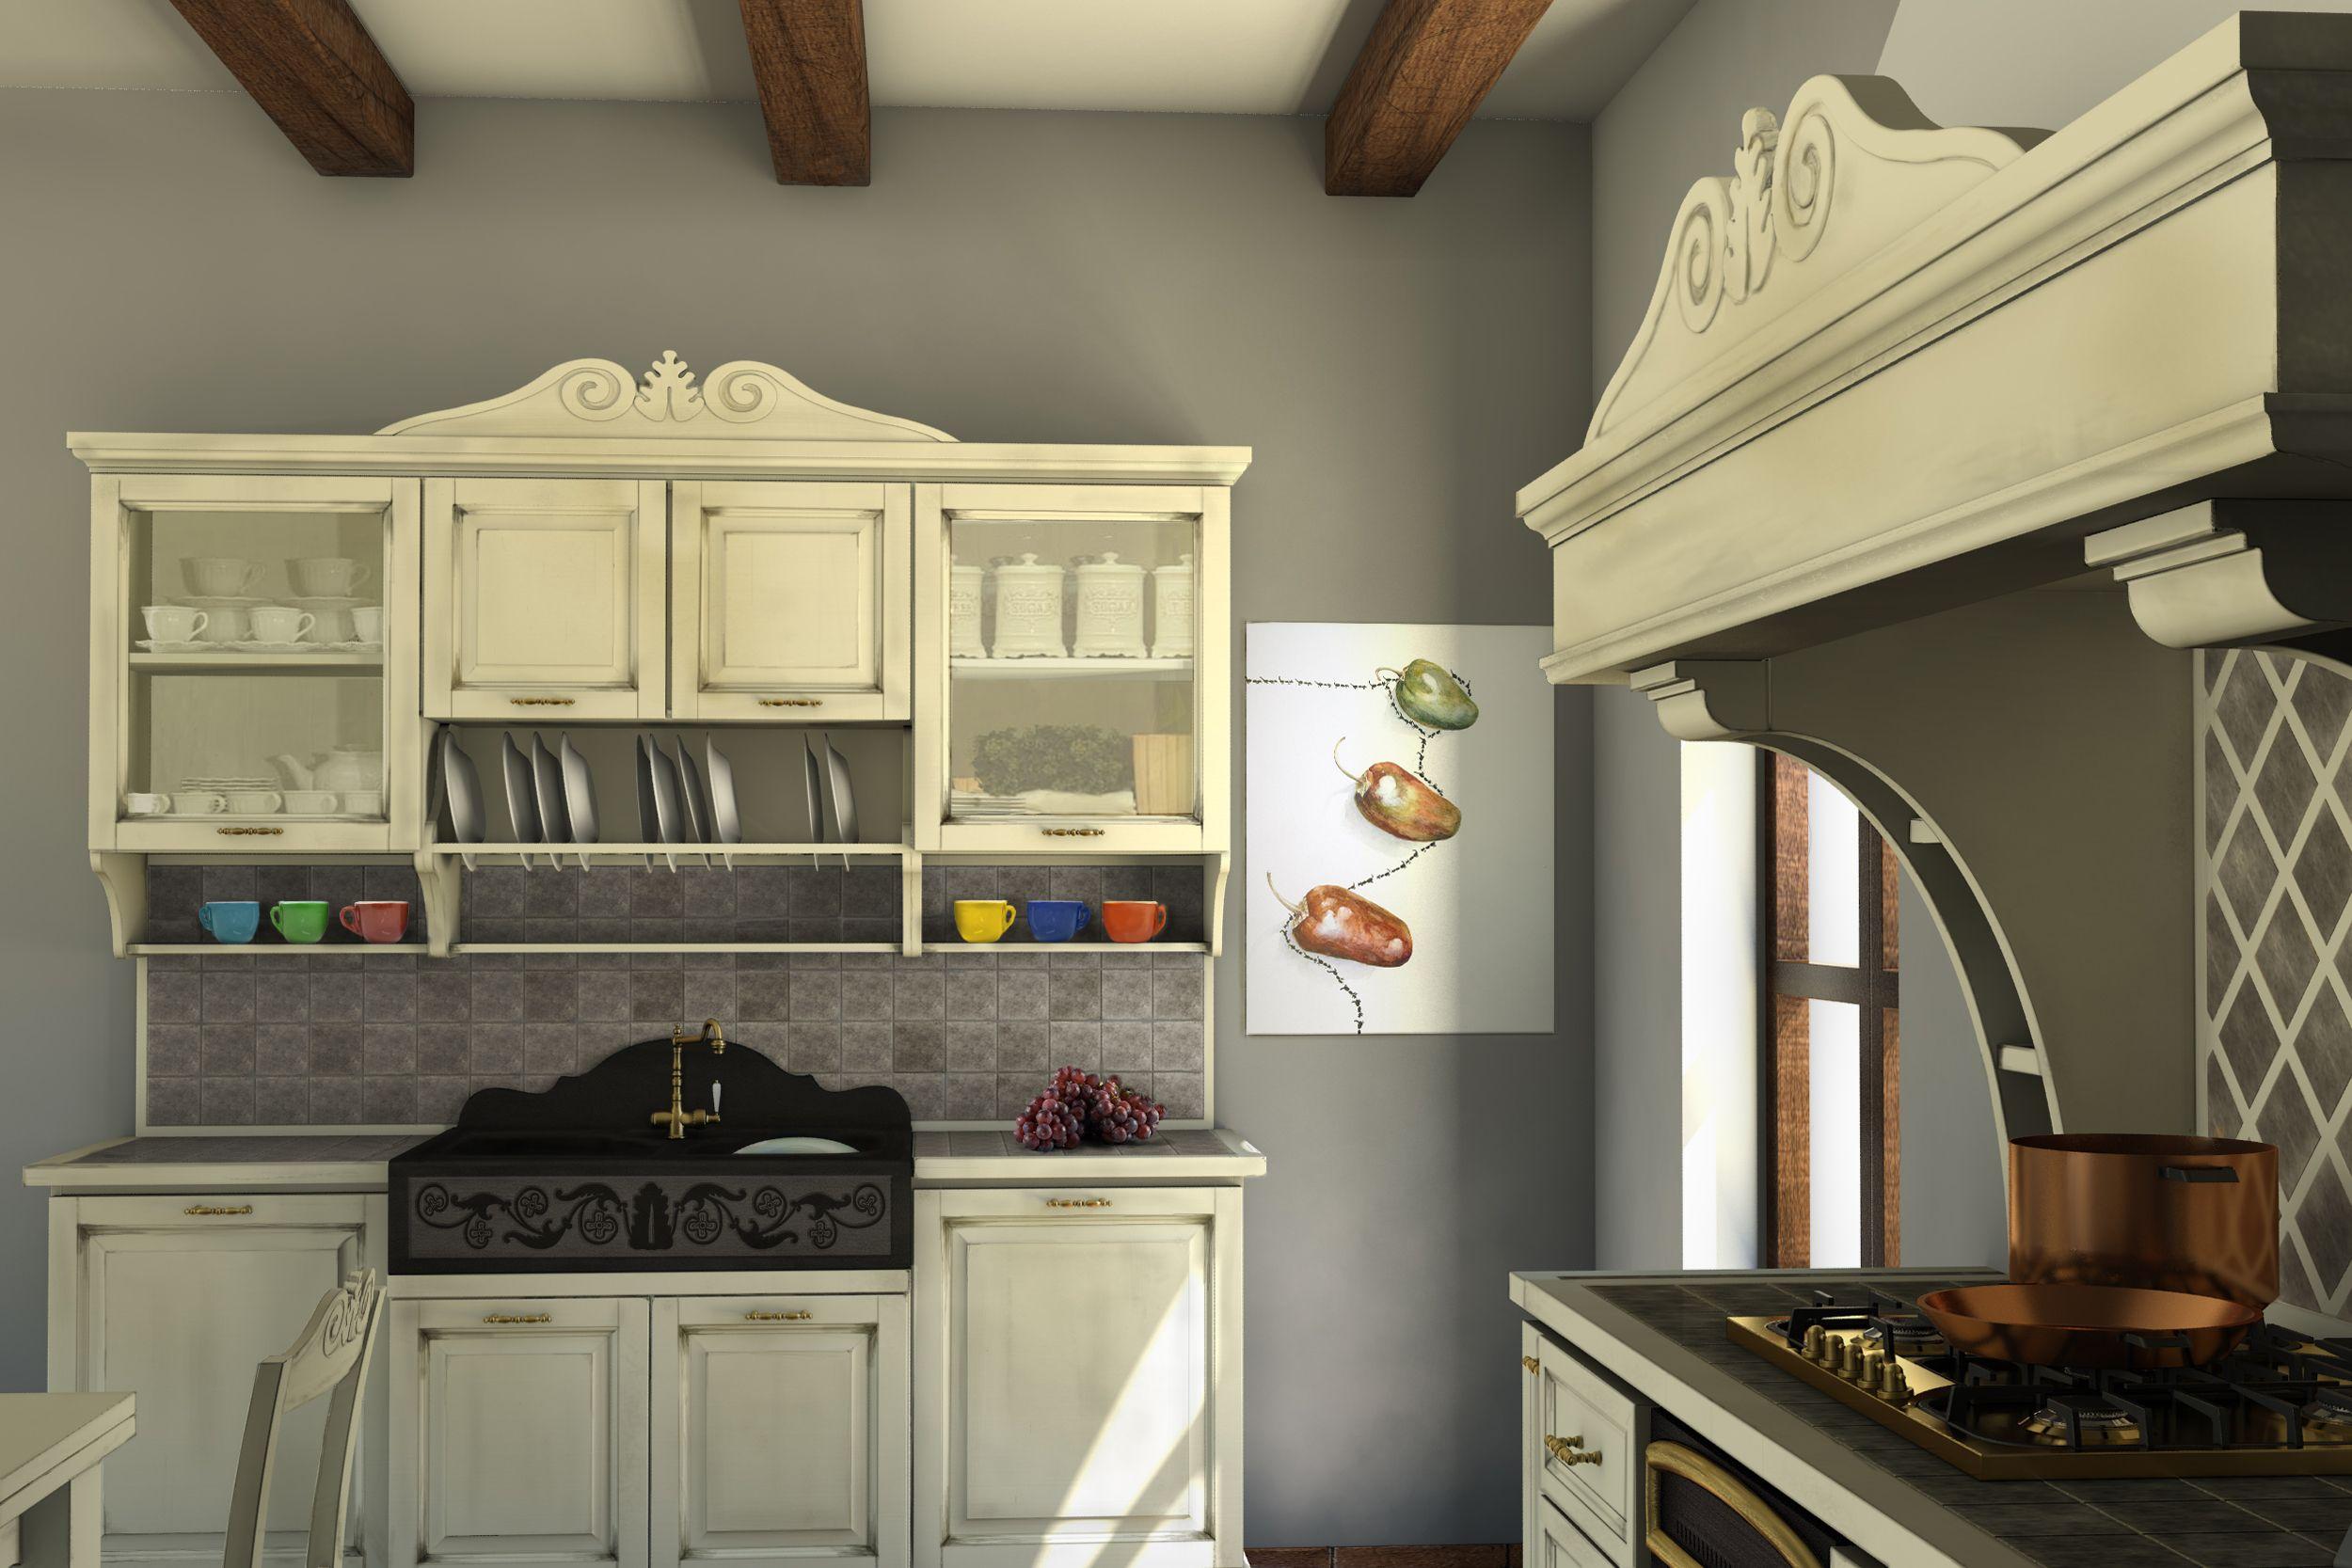 Blocco lavello e blocco cucina artigianato legno interiordesign intaglio intarsio cucina - Blocco lavello cucina ...